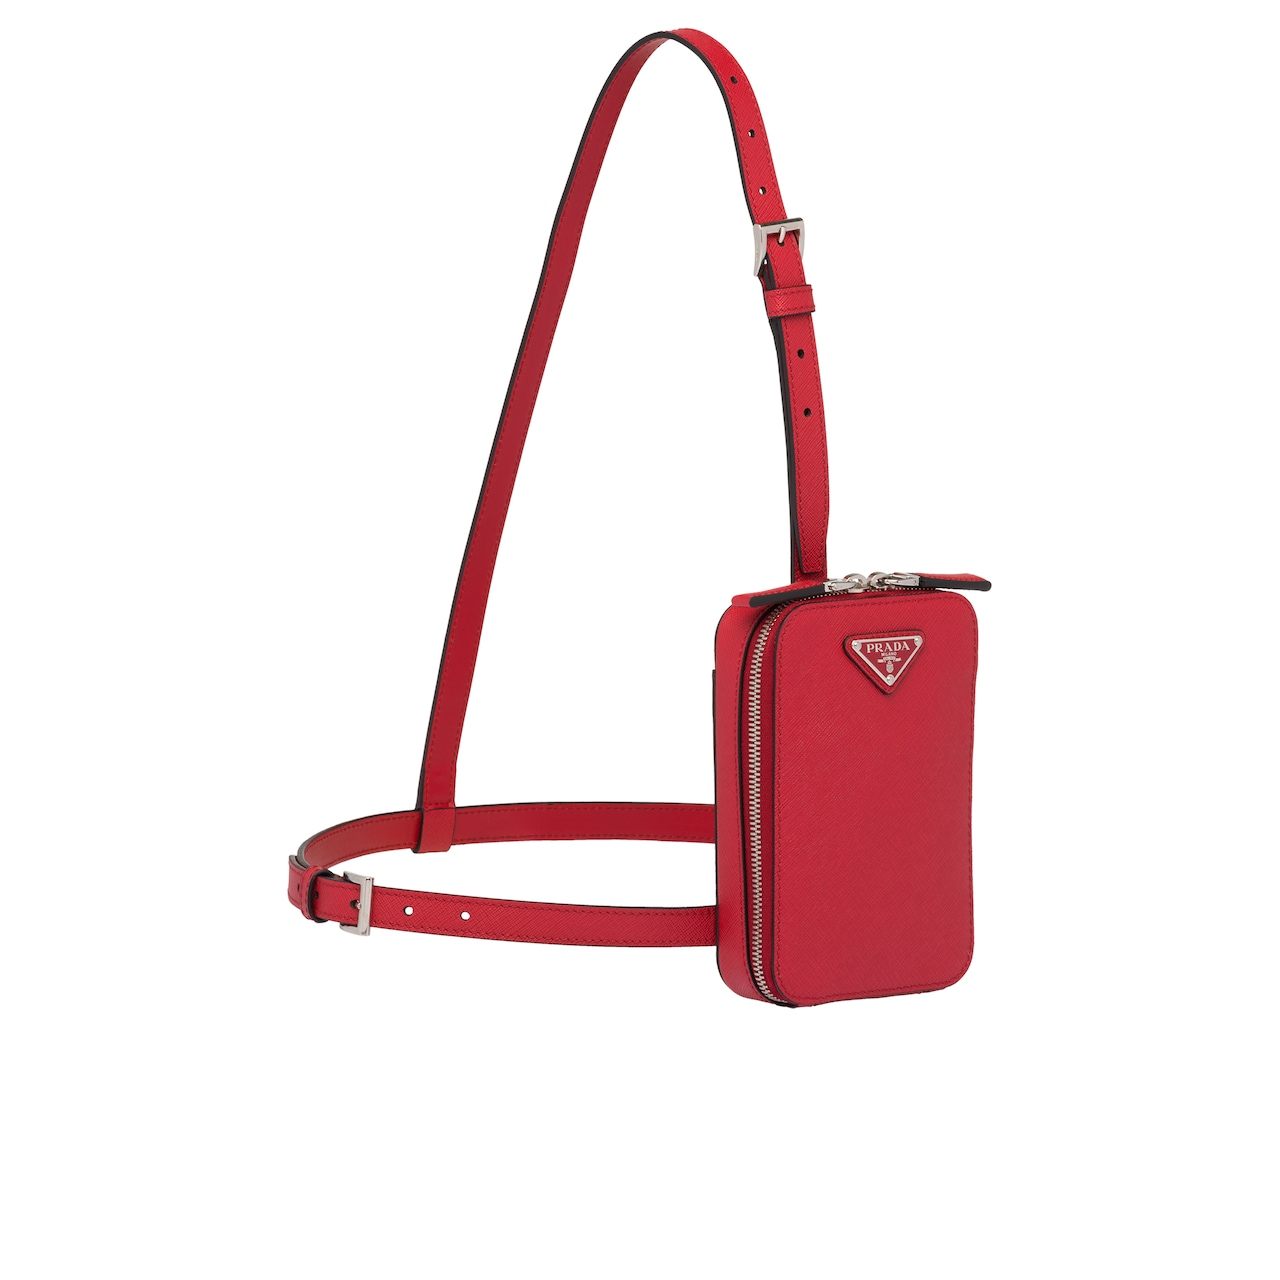 Saffiano leather bag